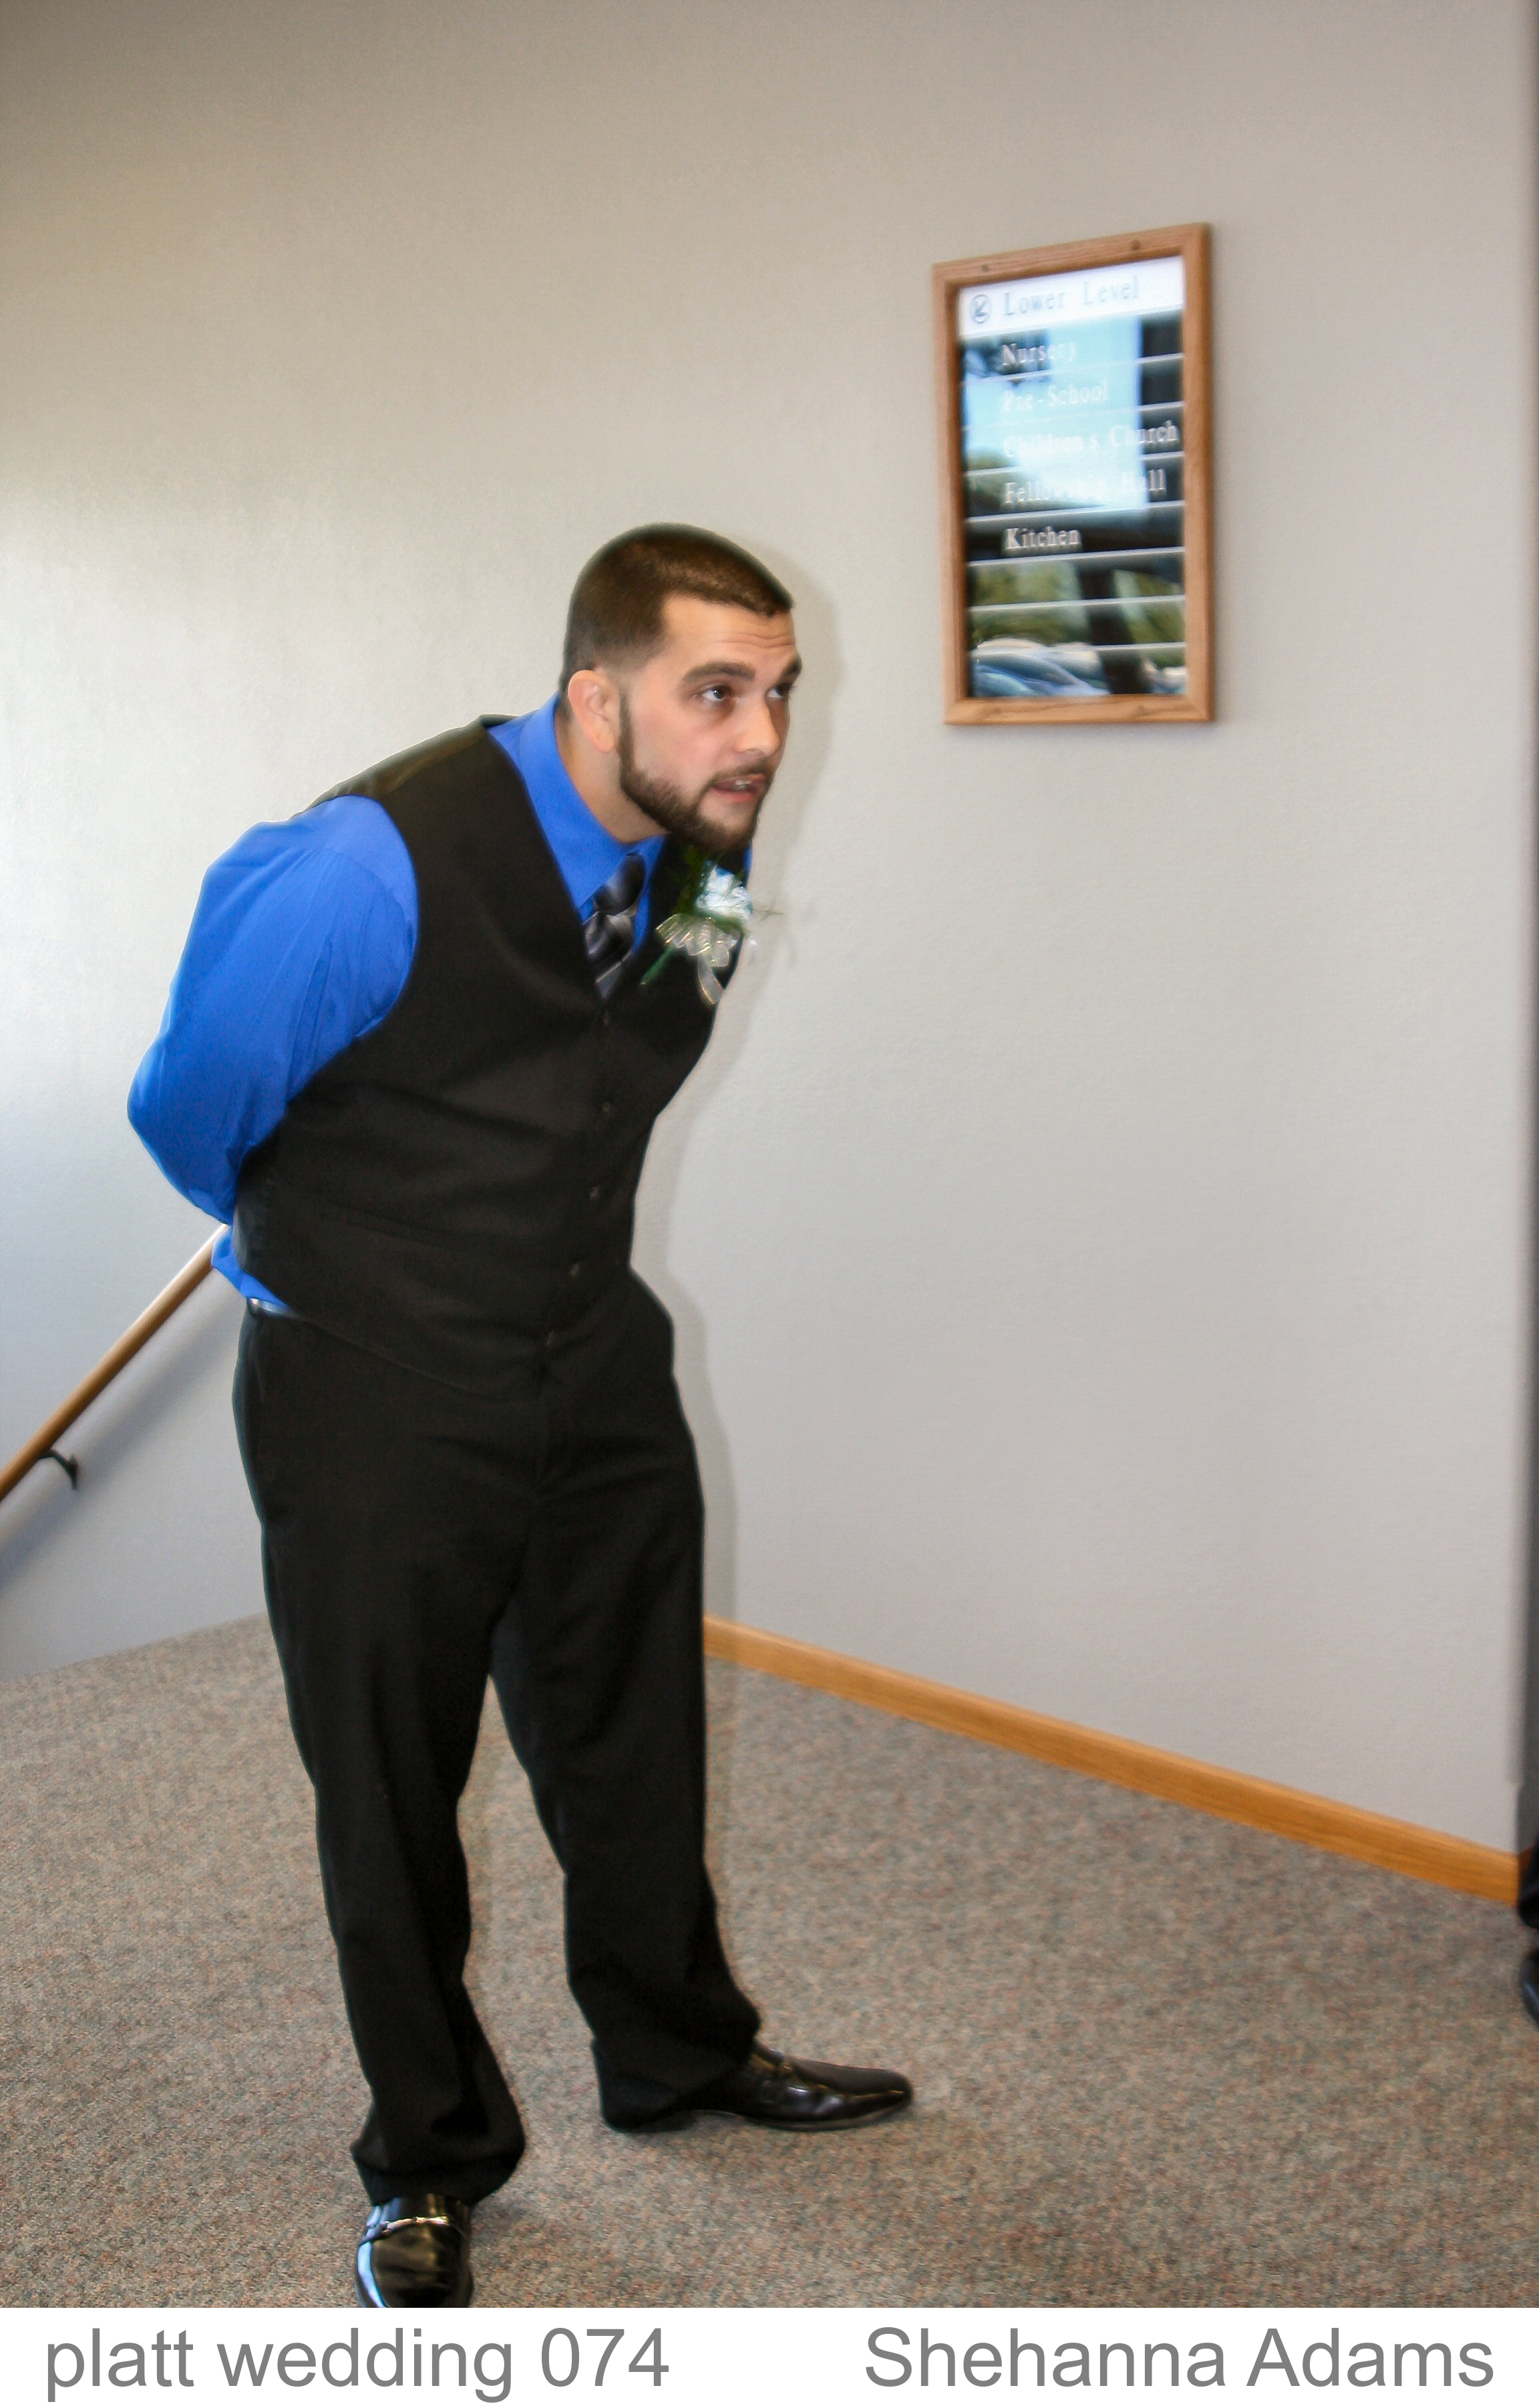 platt wedding 074.jpg